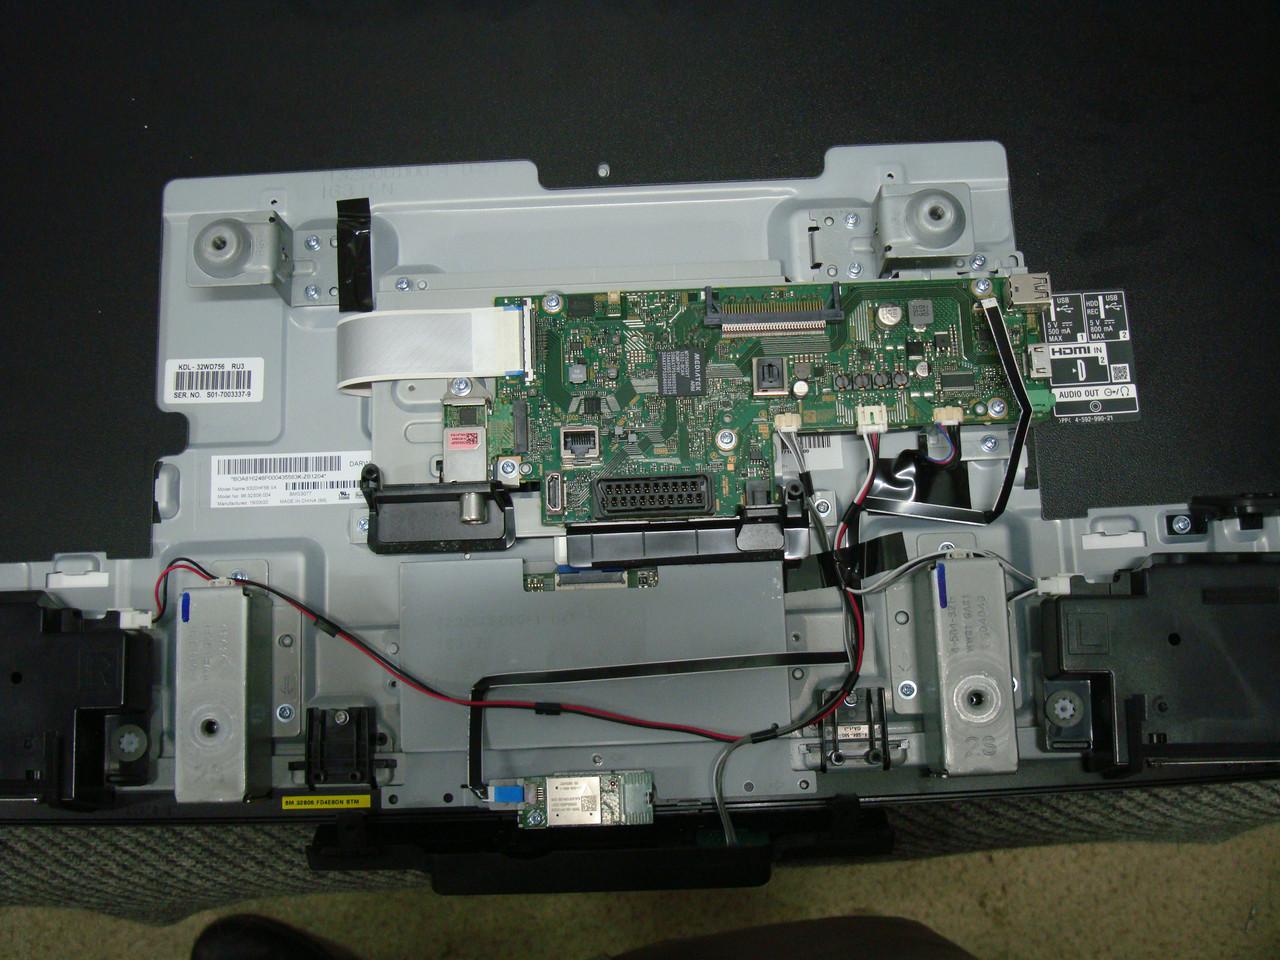 Запчасти к телевизору Sony KDL-32WD756(1-980-335-12 173587112 , Tuner DE243ZP, HV320FHB-N80 )